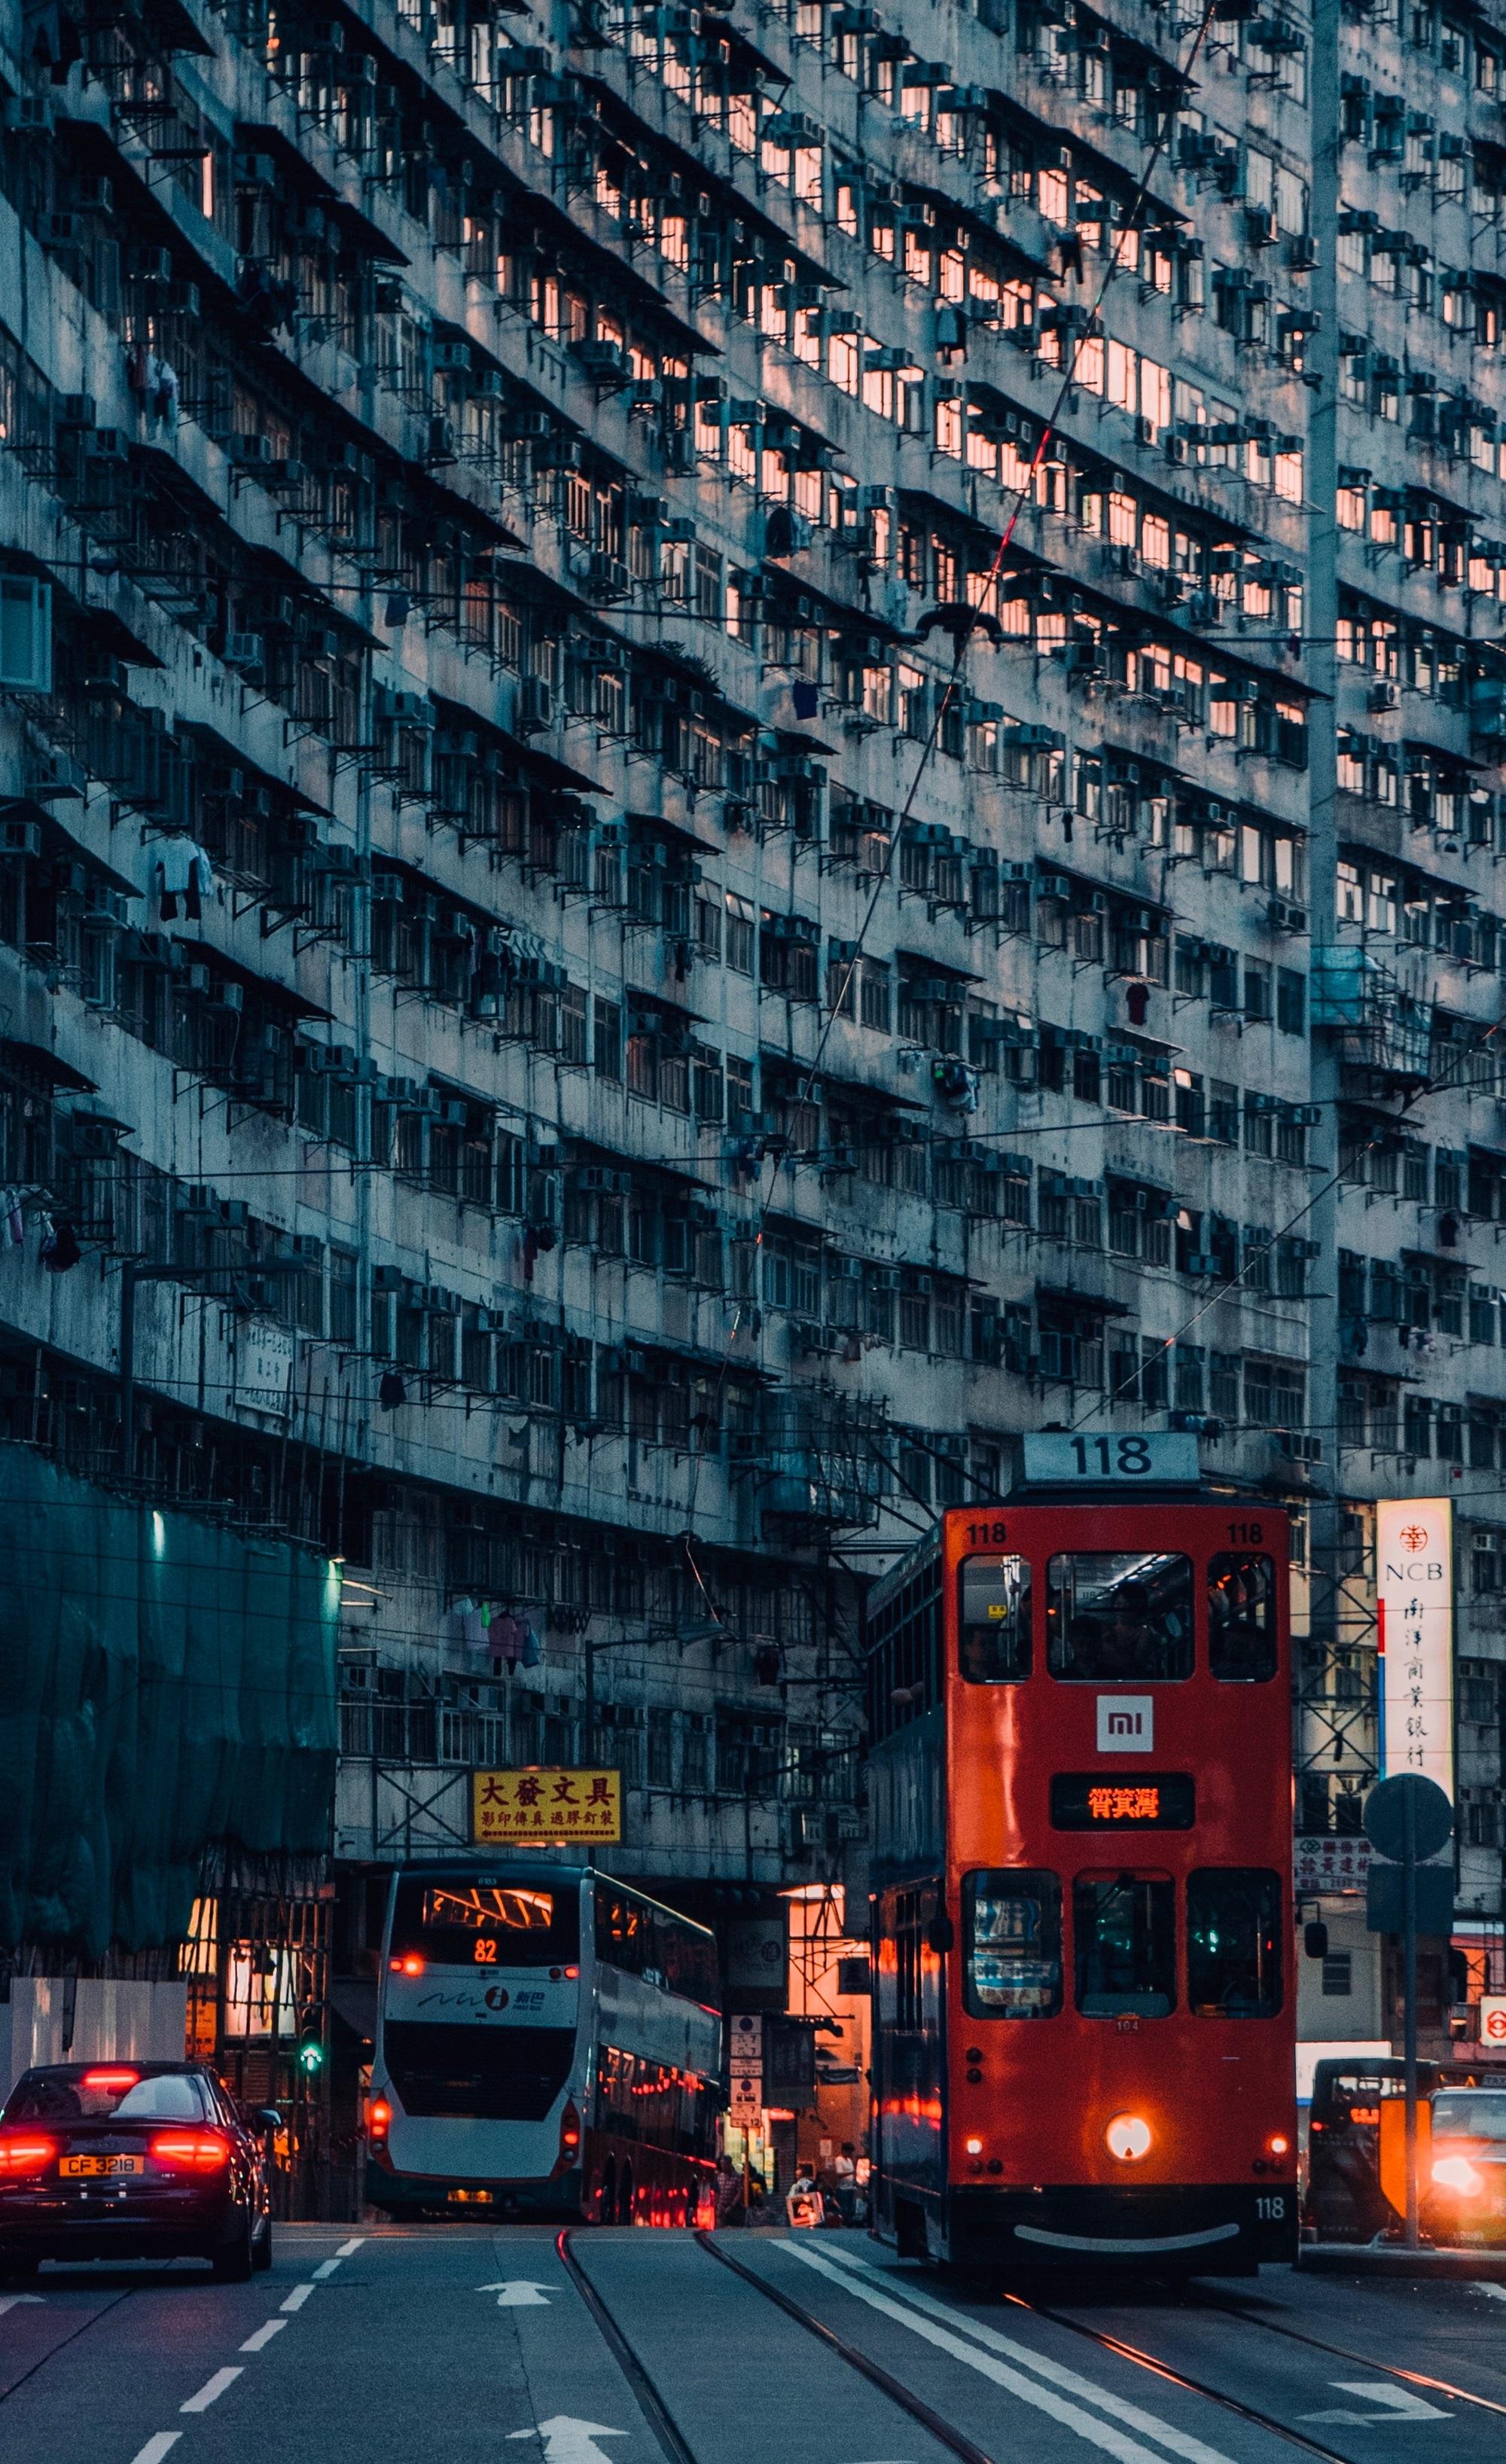 Hongkong planuje budowę jednej z największych sztucznych wysp na świecie